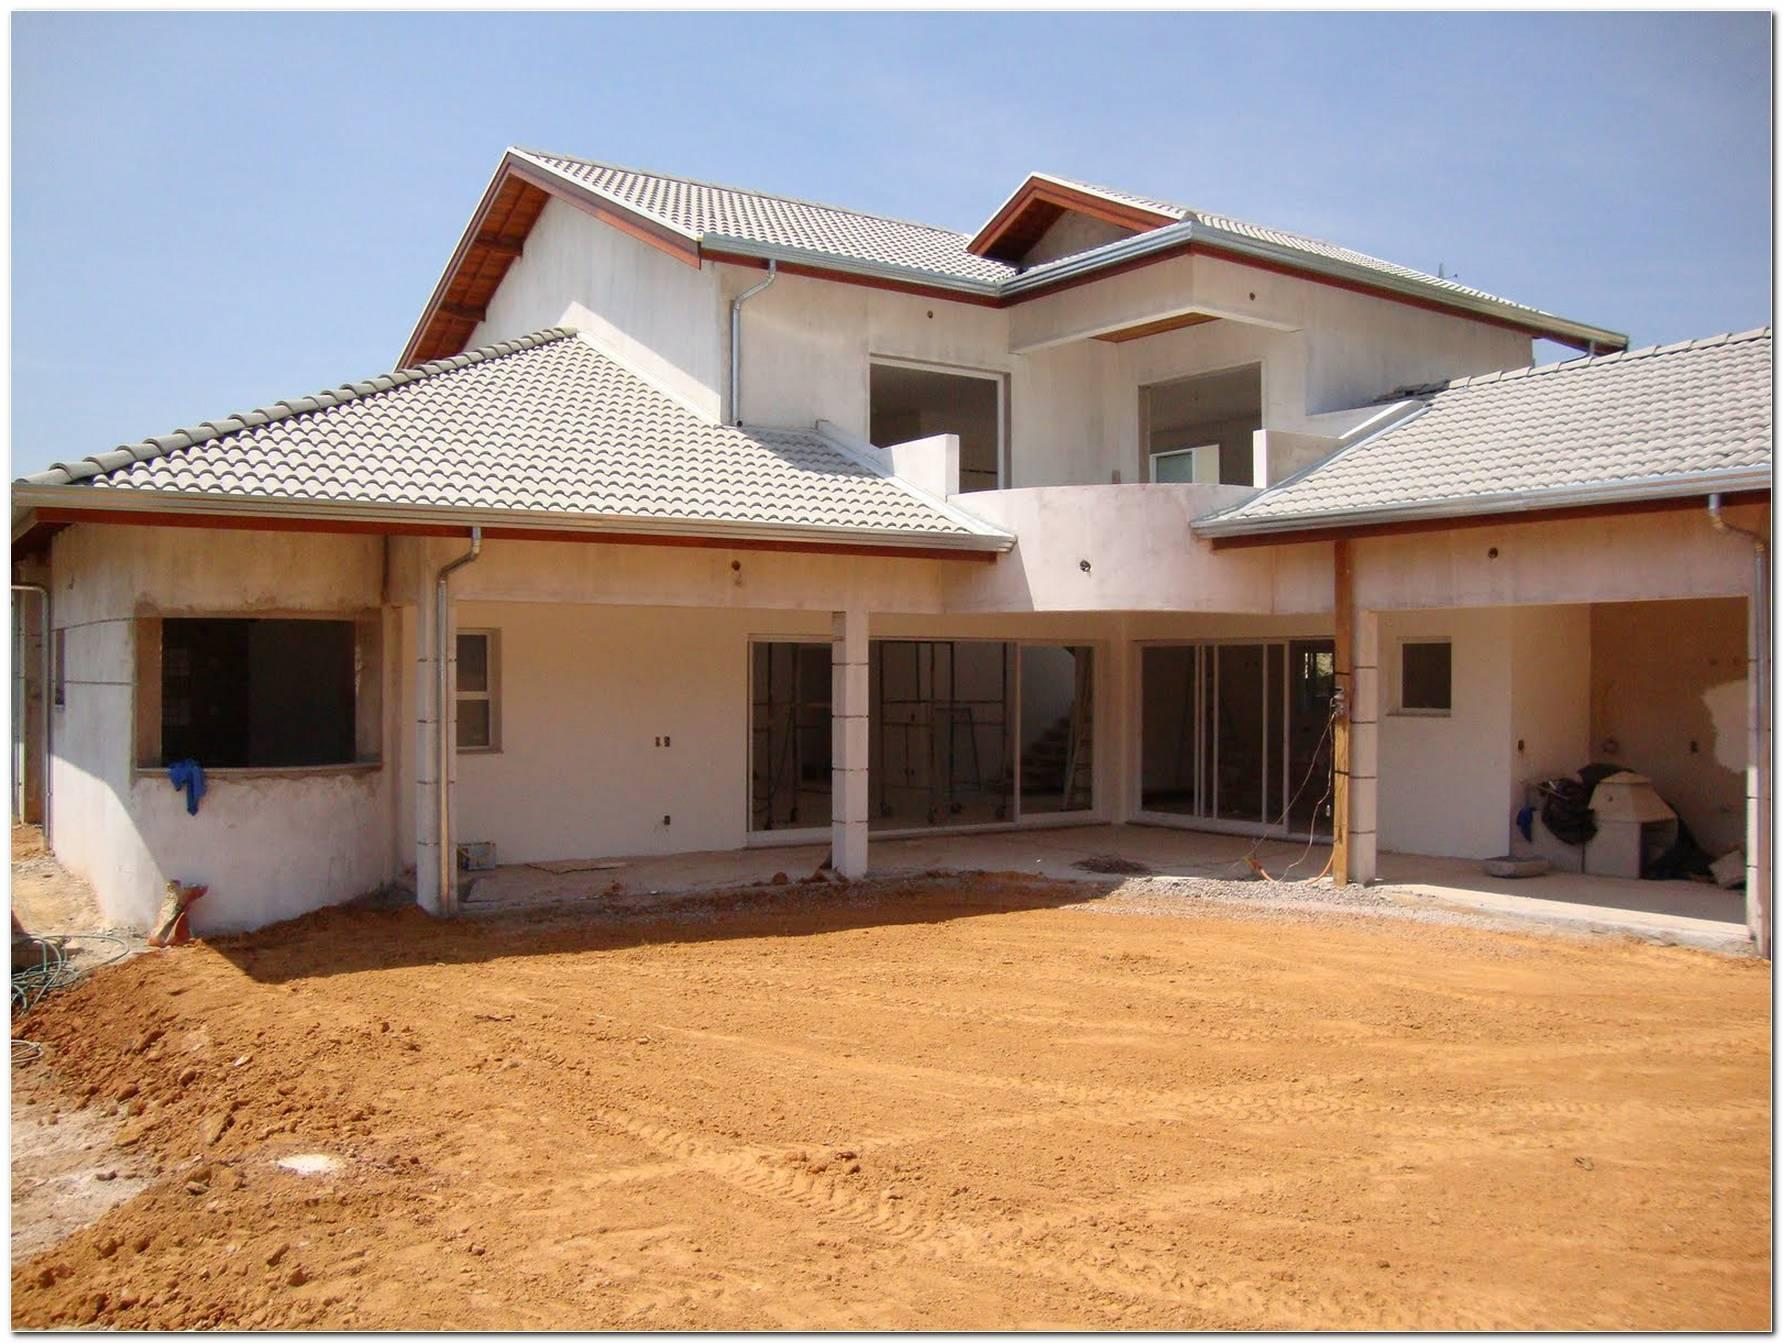 Casas E Construção